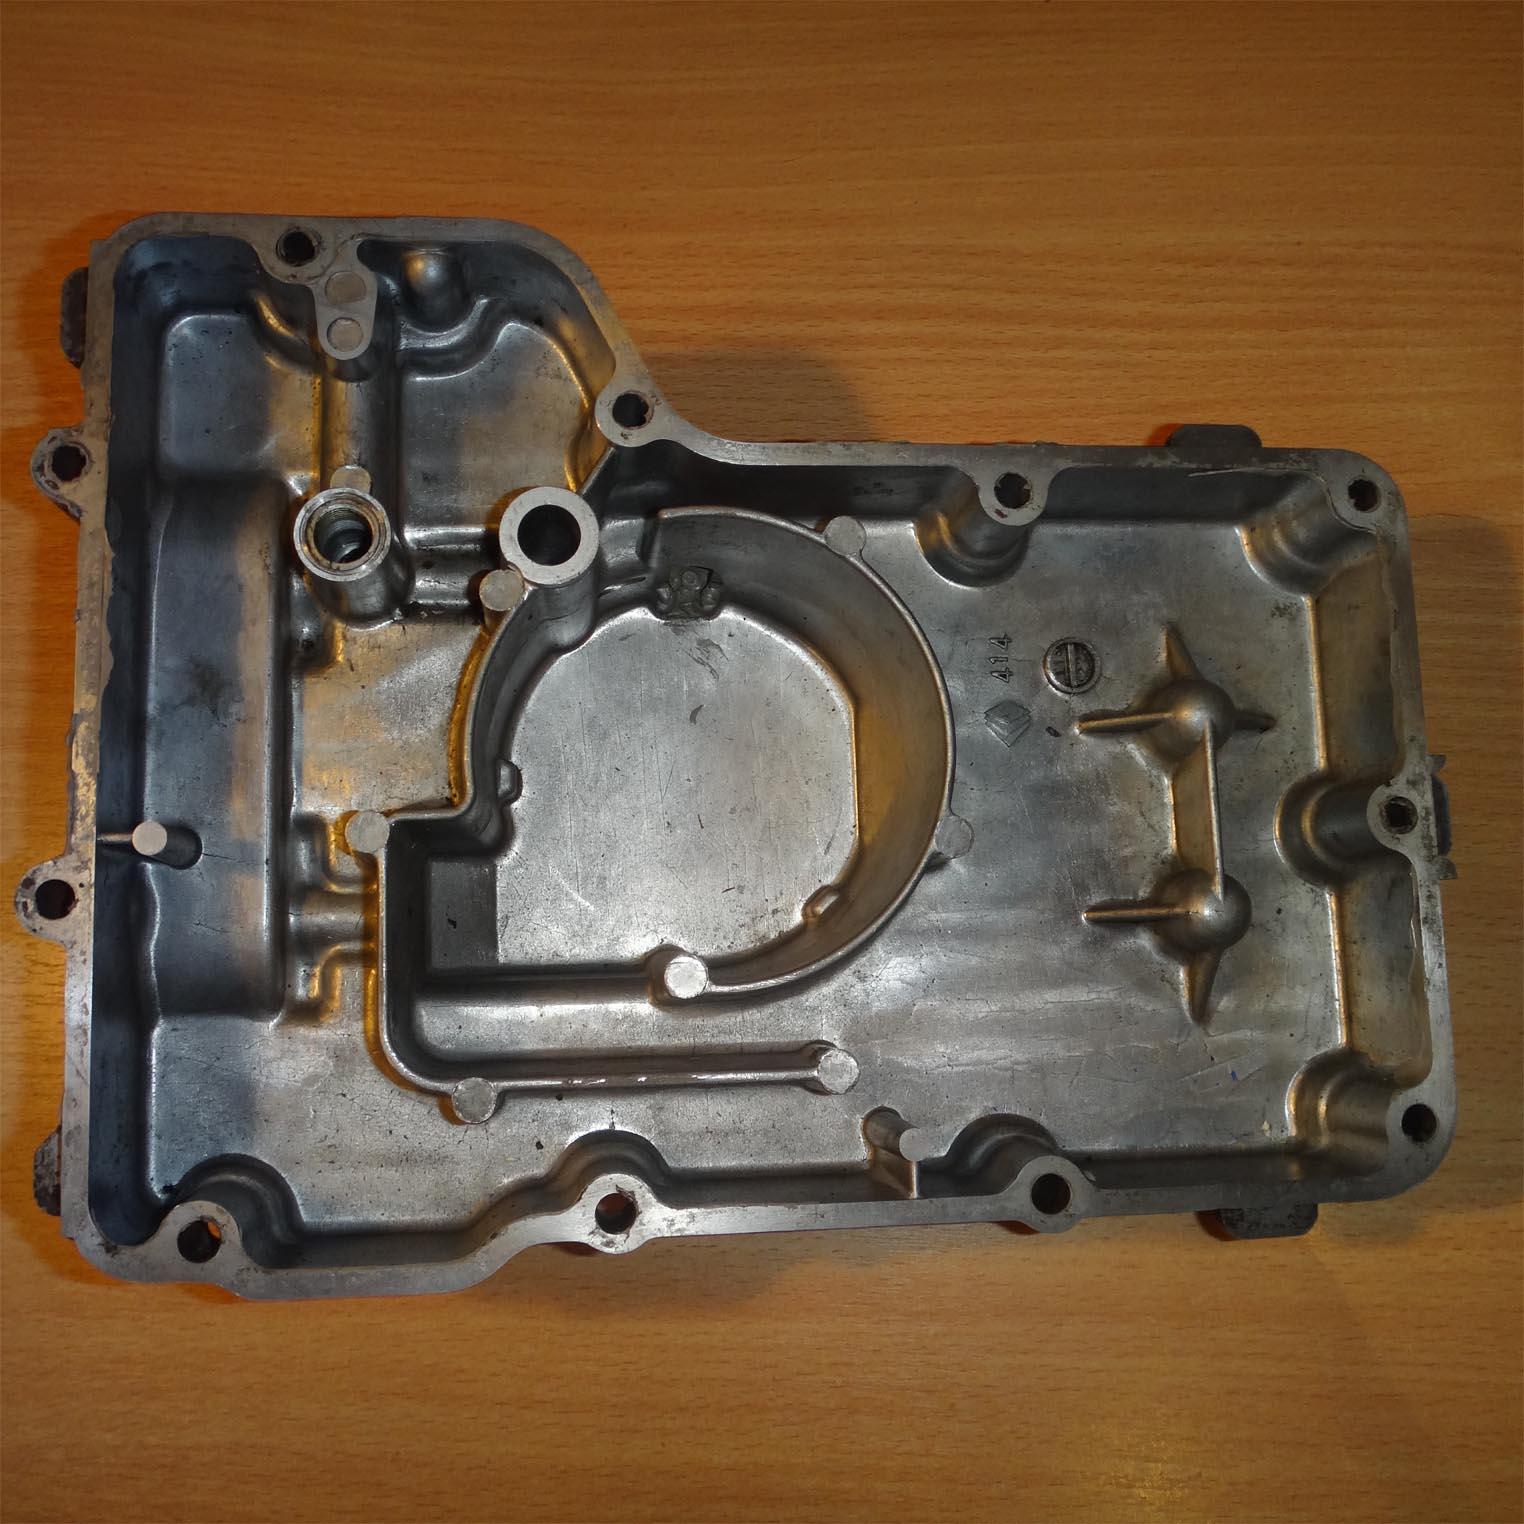 Поддон двигателя 49034-1089 (Дефект)